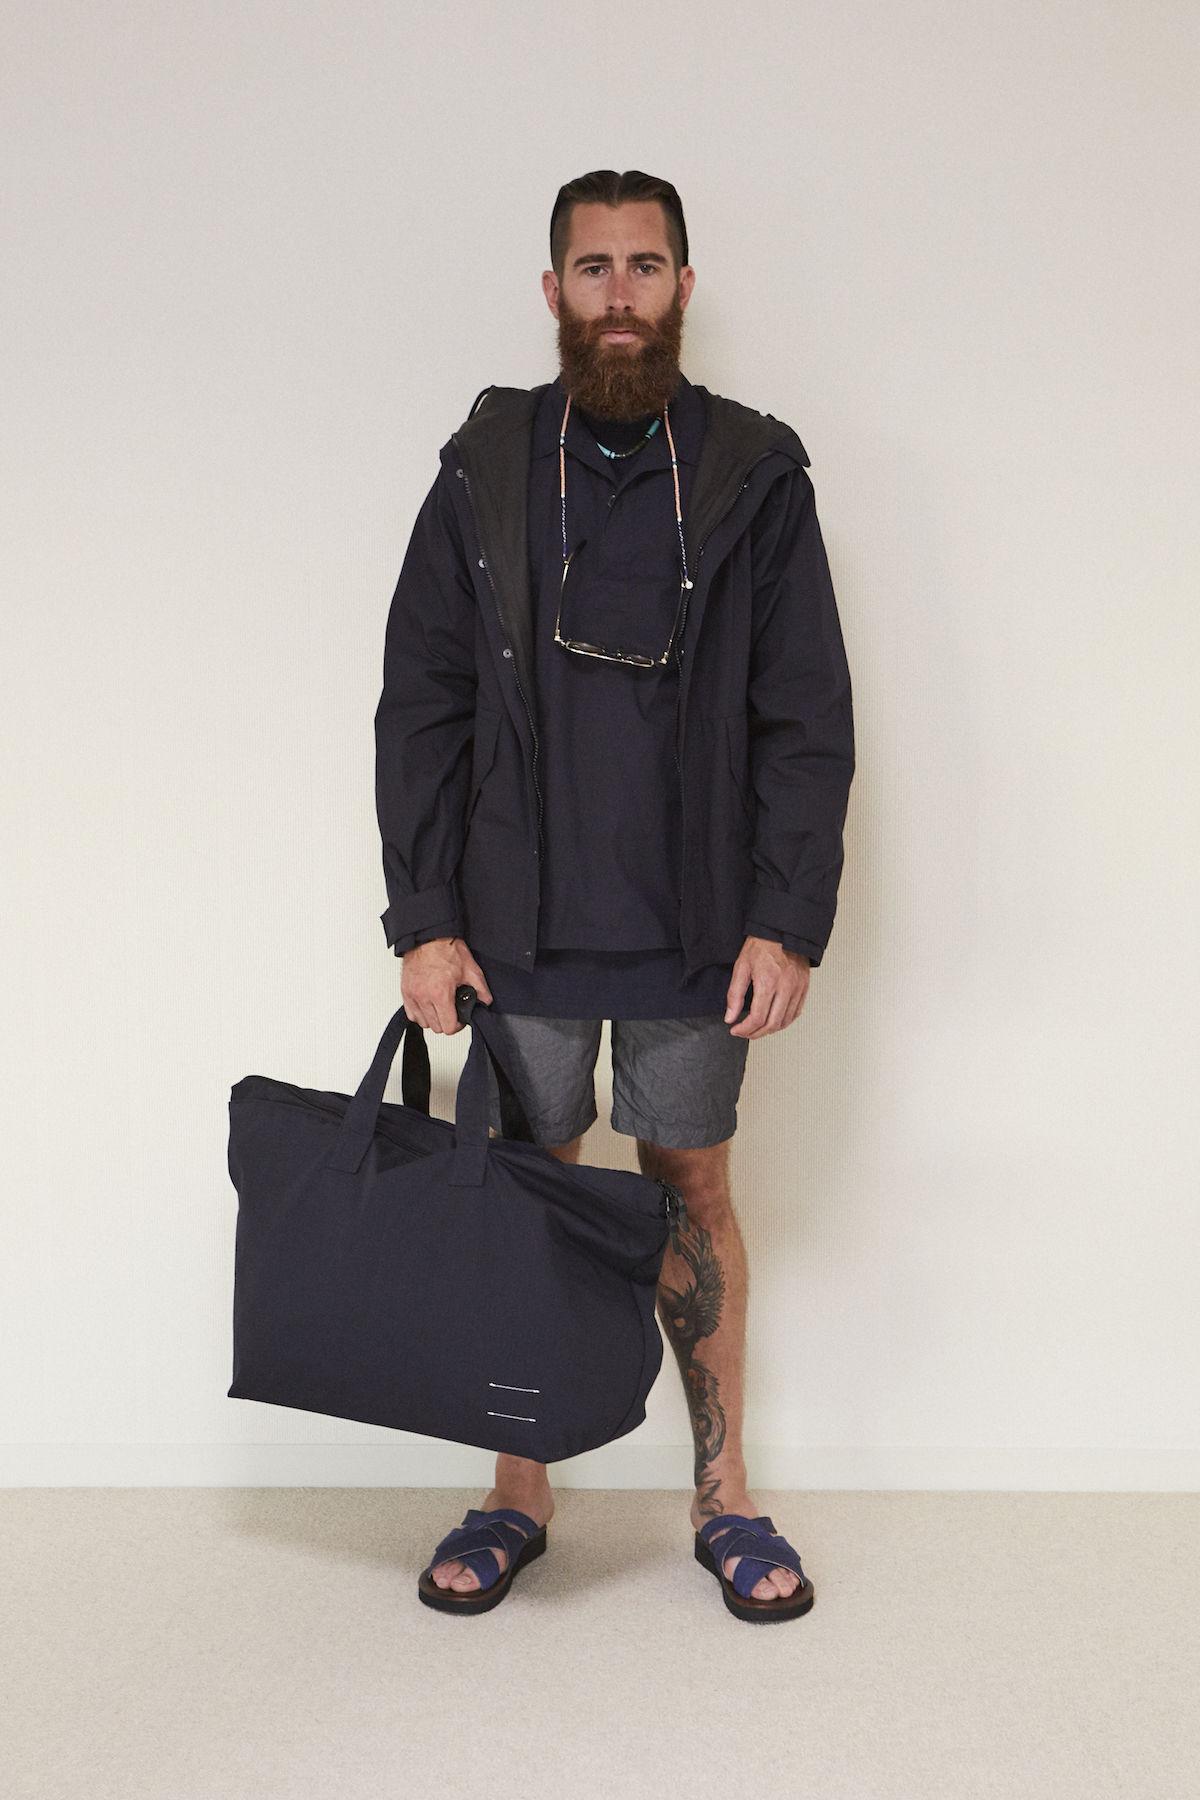 【ルック】ストリートとモード、ビジネスを横断。ブランド「BLANCK」を知ってる?ナノ・ユニバースでポップアップも! fashion180309_blanck7-1200x1800